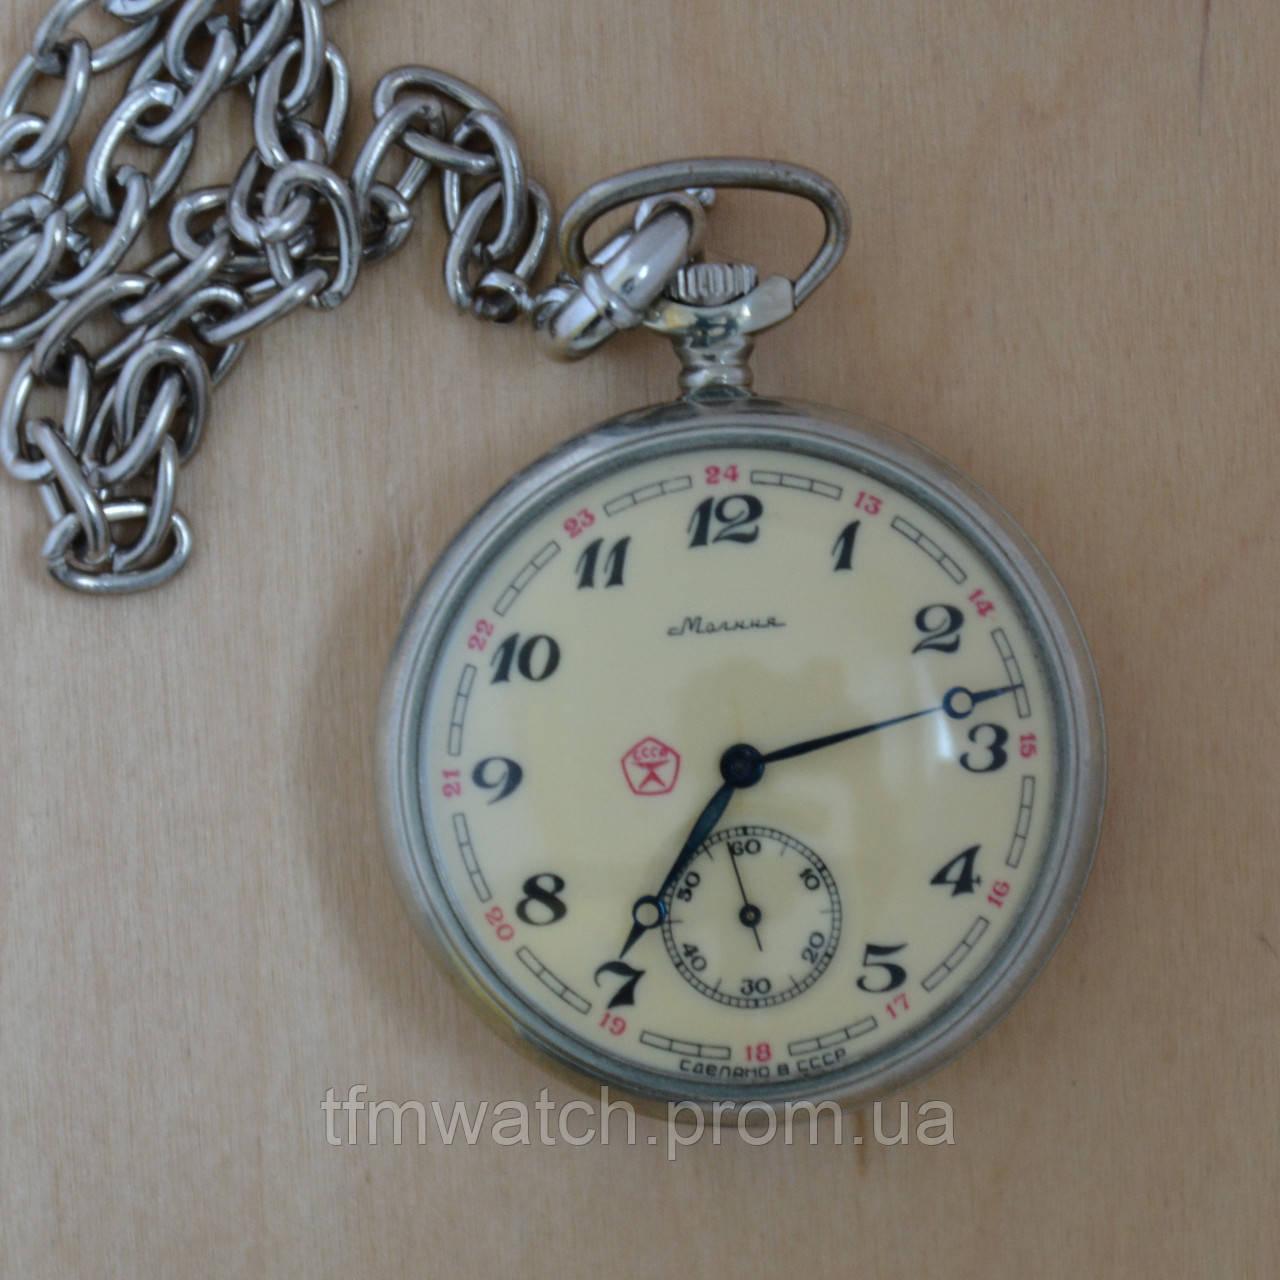 Карманные купить часы продать часы наручные бу продать